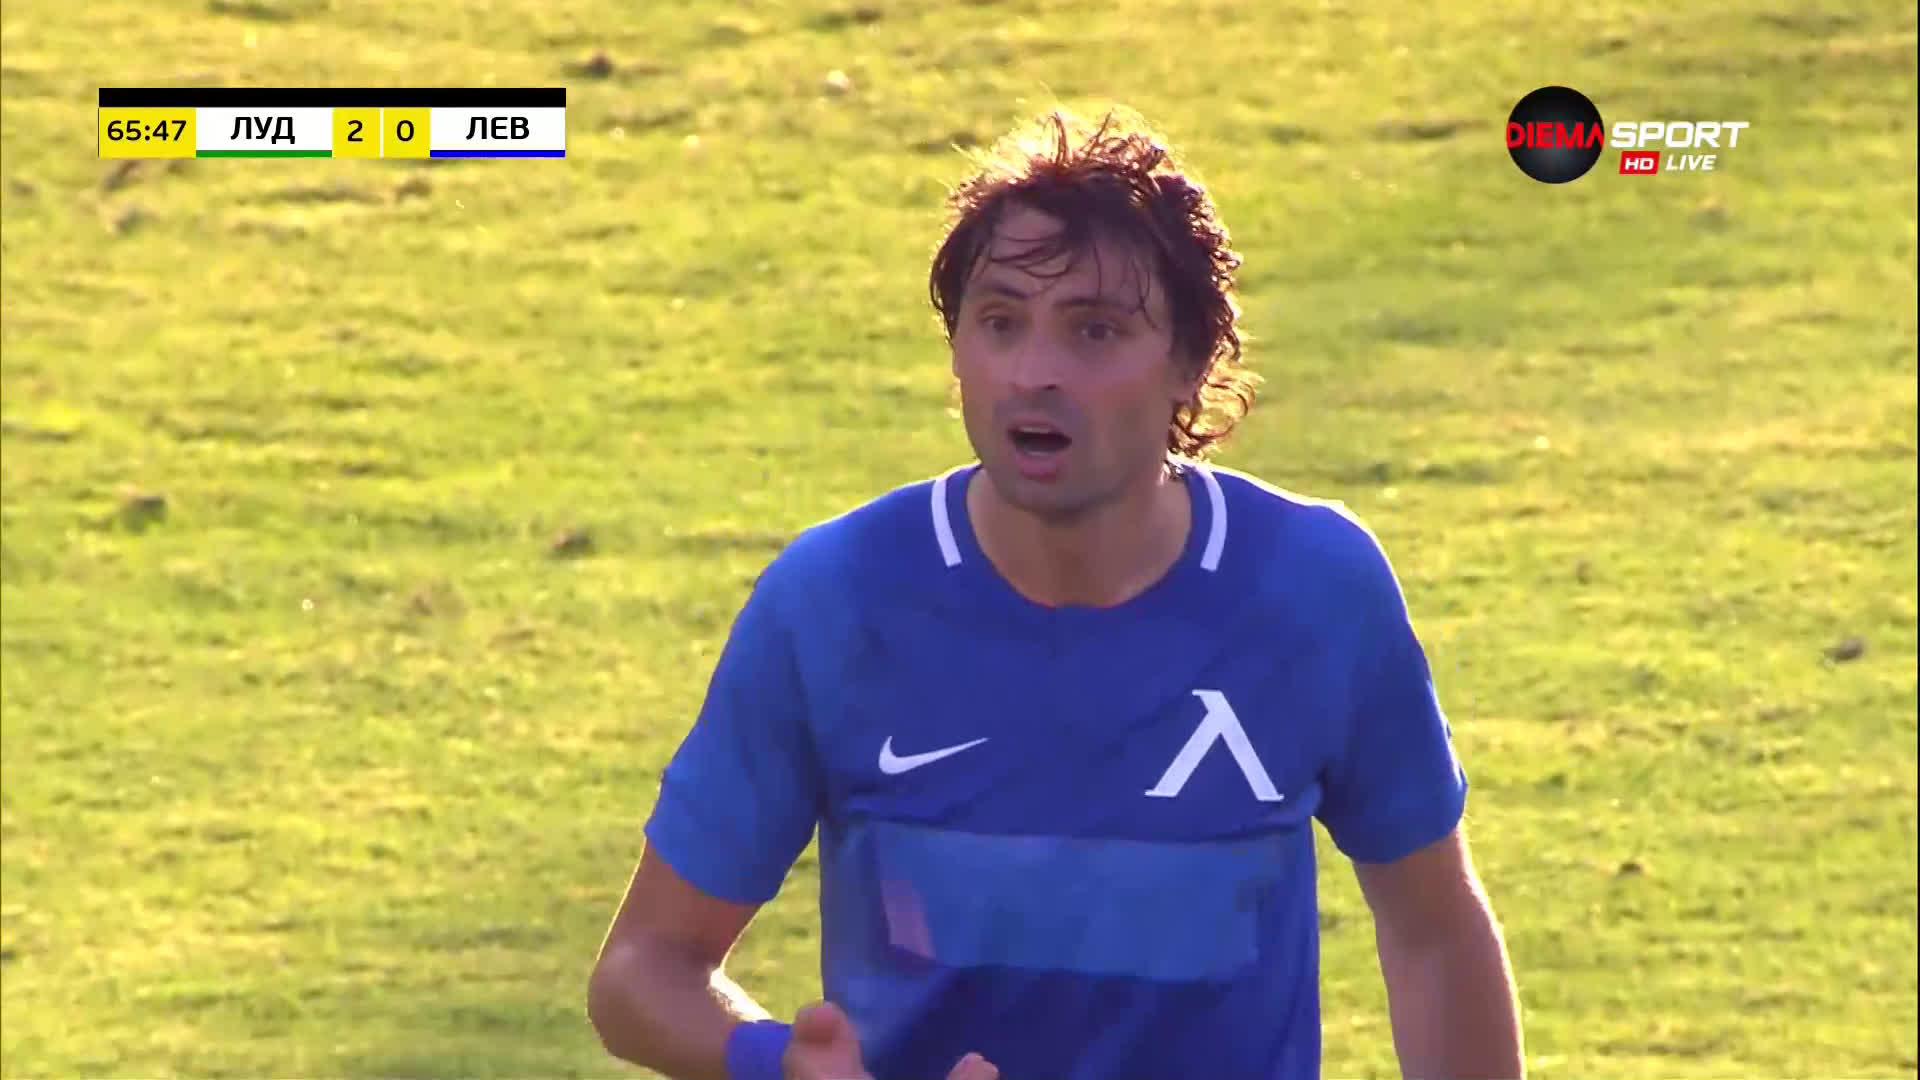 Лудогорец бележи втори гол във вратата на Левски